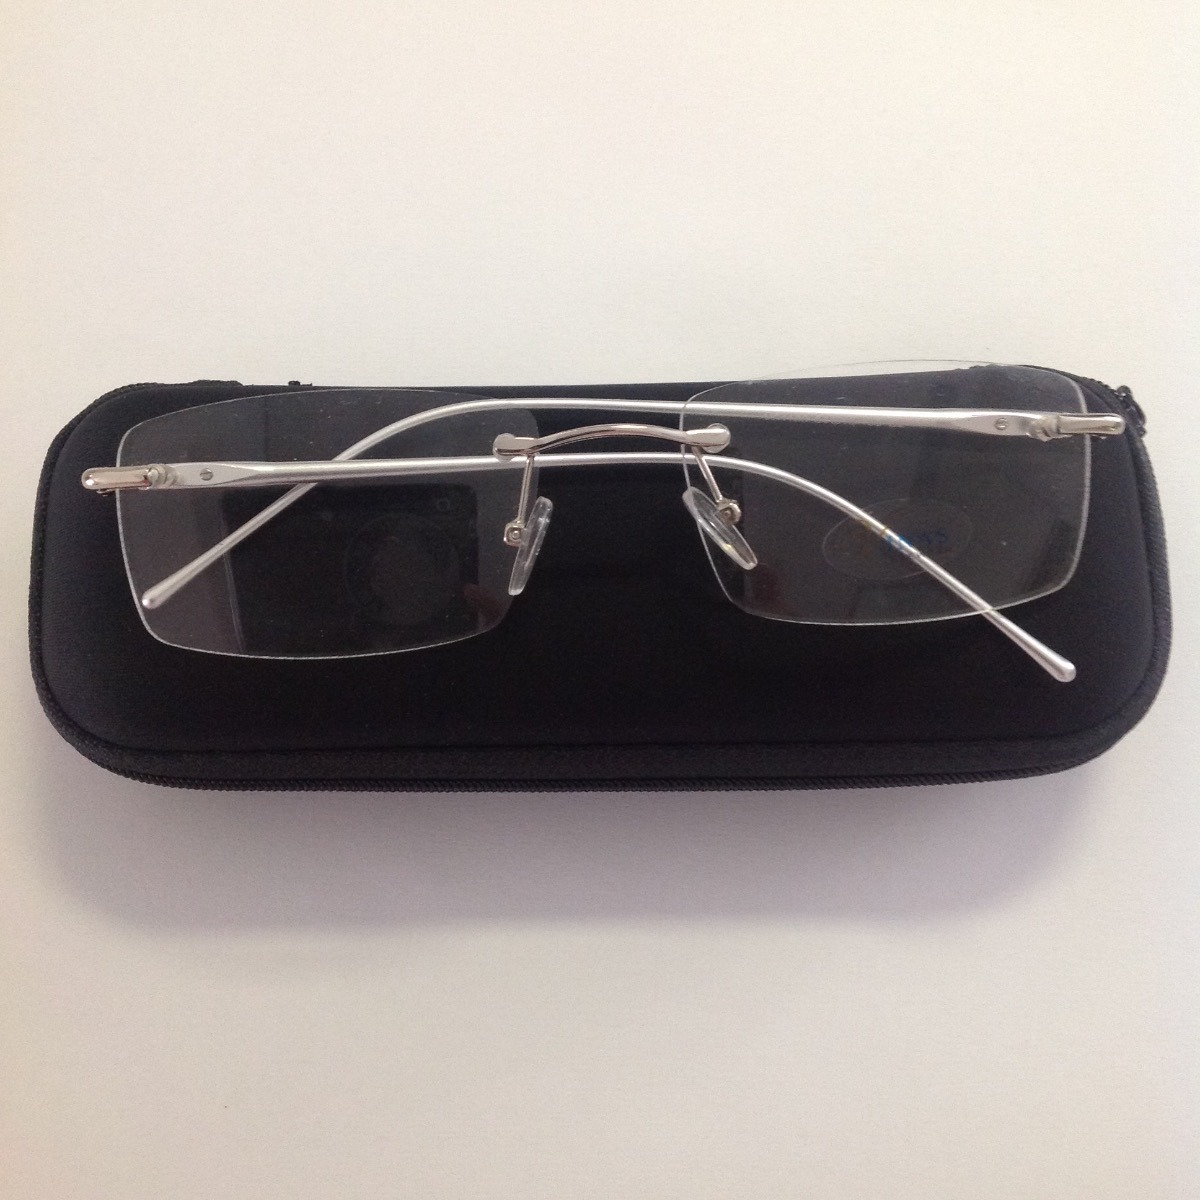 08baddf73dab8 armação masculino óculos parafusado flutuante p grau prata. Carregando zoom.